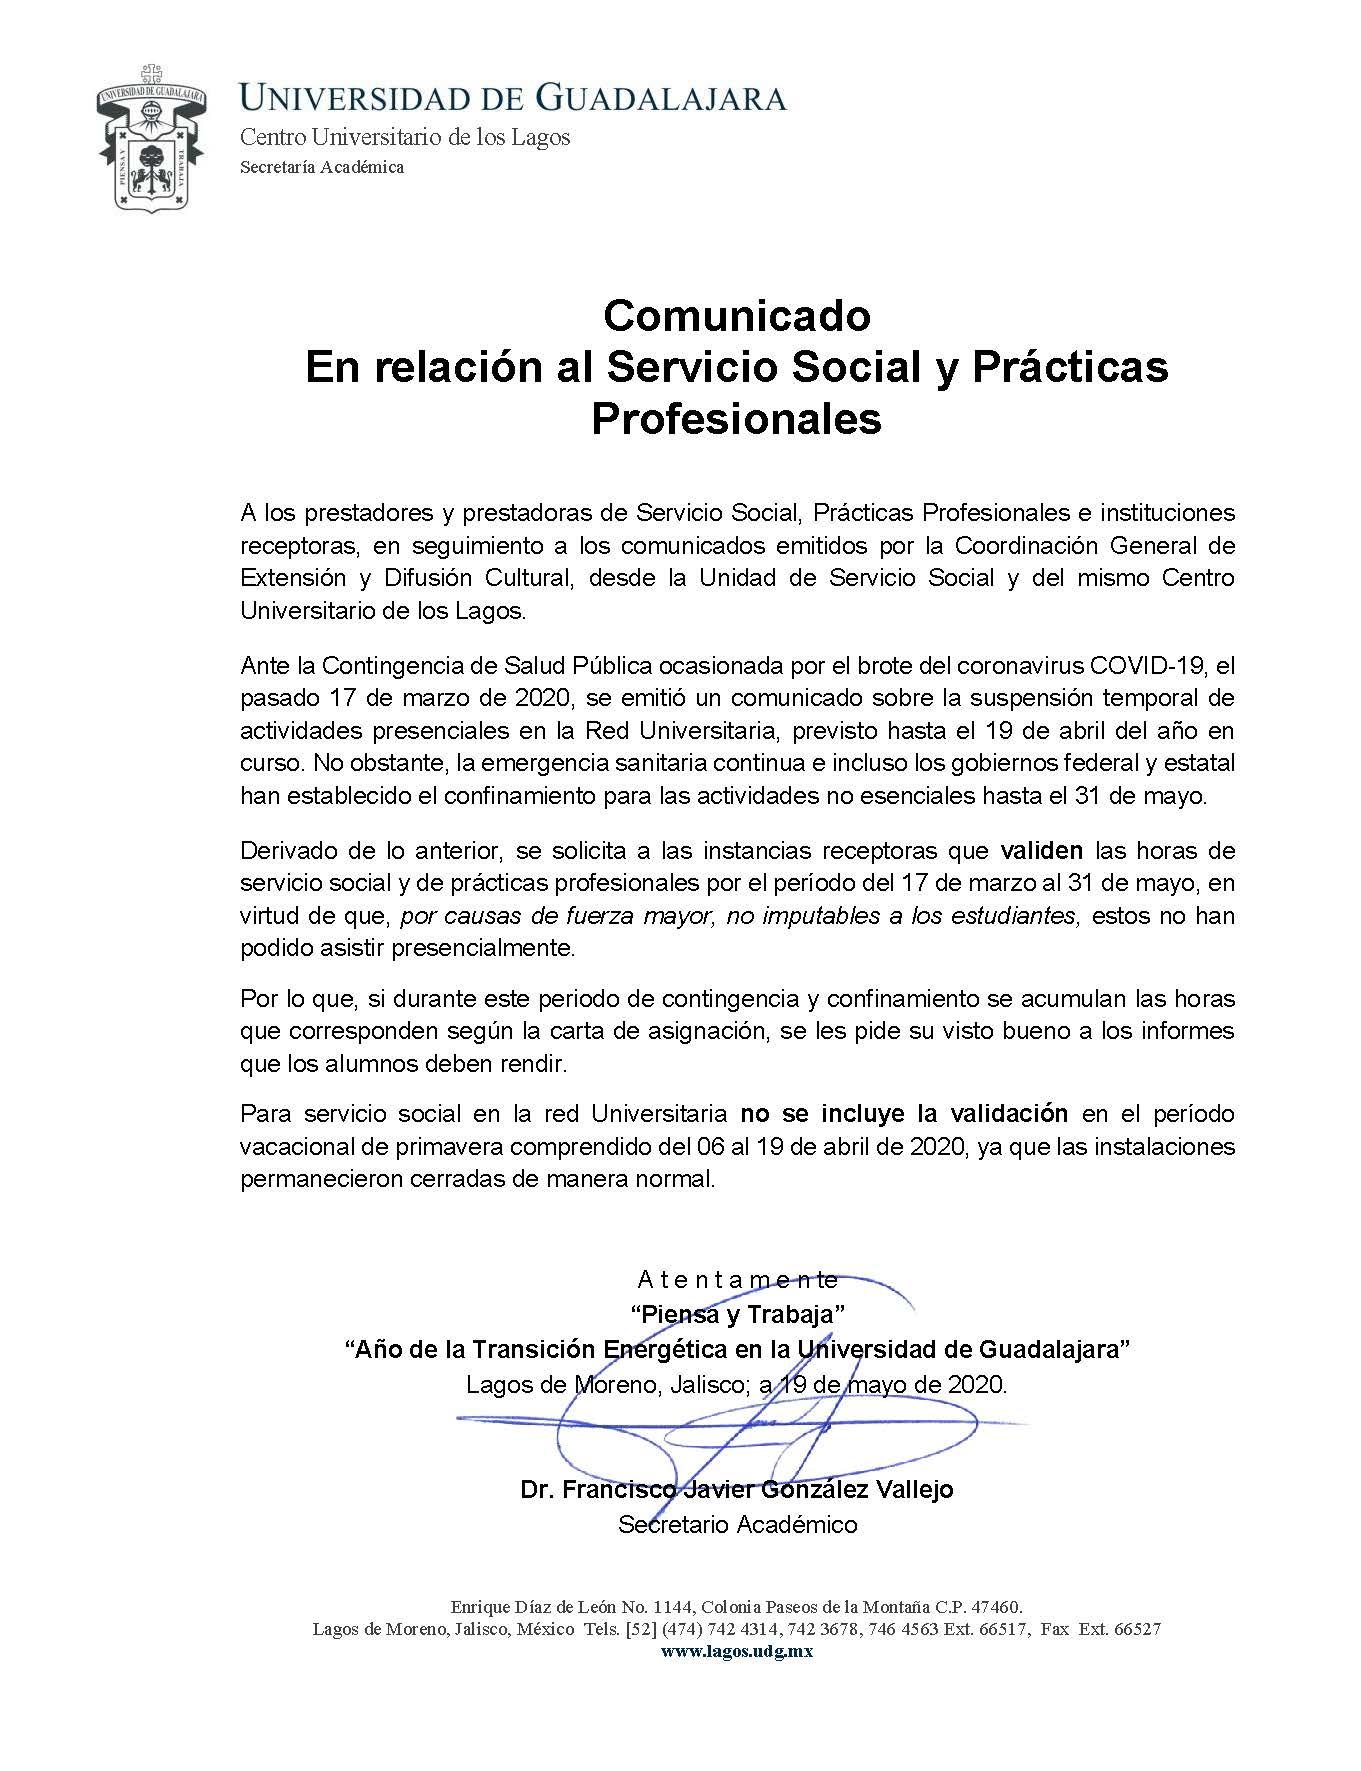 Comunicado en relación al Servicio Social y las Prácticas Profesionales